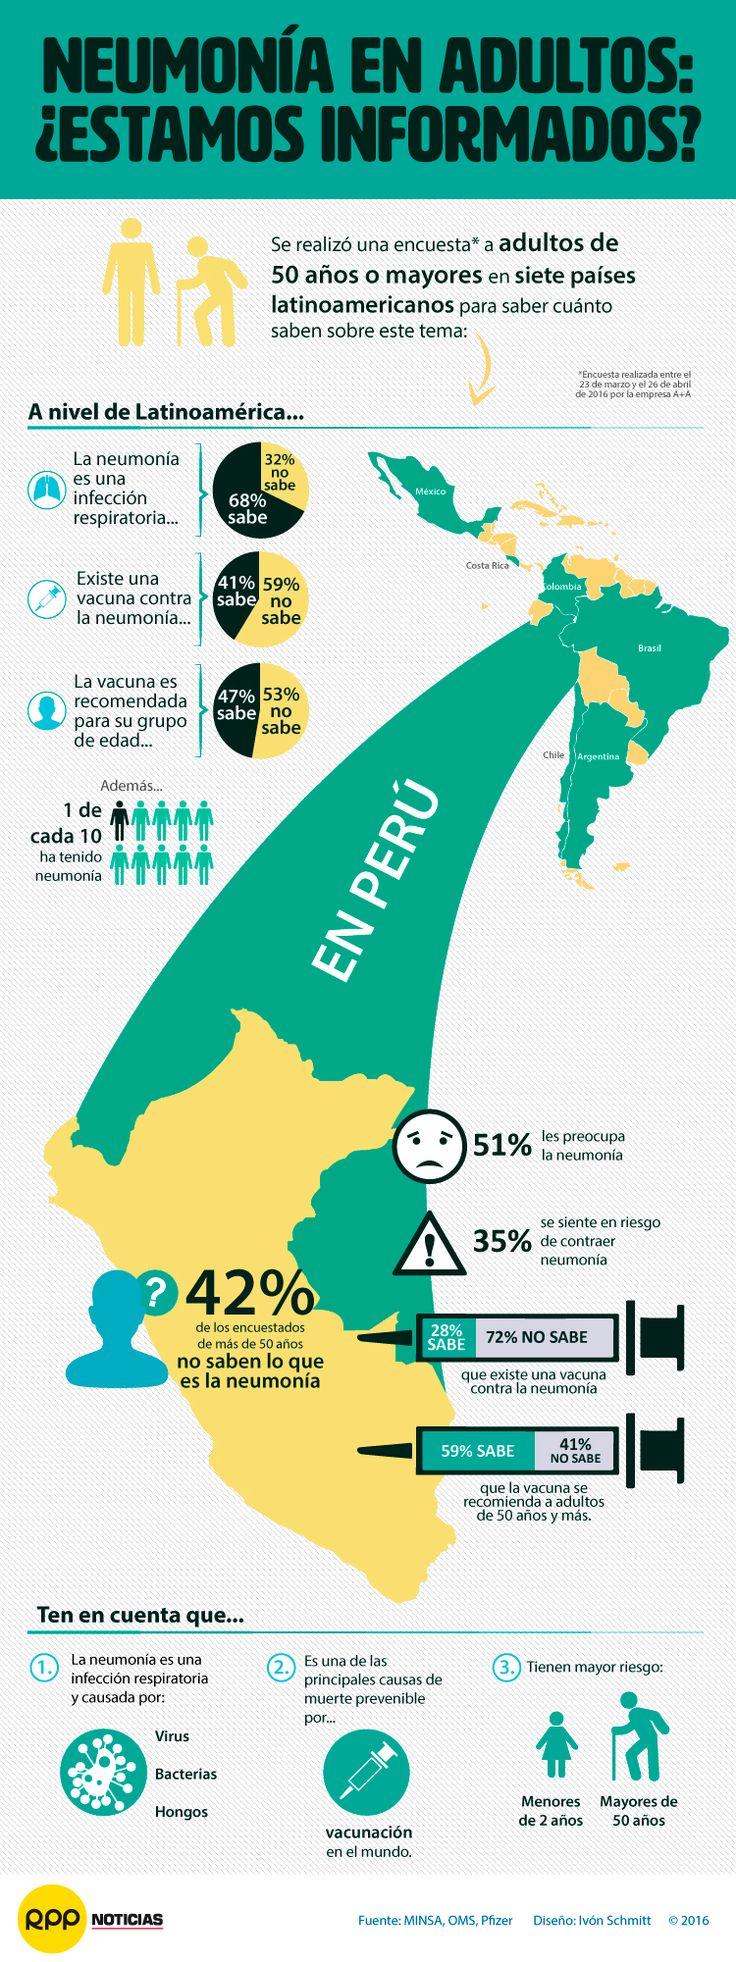 Una última encuesta regional revela la falta de información y percepciones erróneas sobre la neumonía en adultos mayores. En nuestra infografía puedes conocer la situación que se presenta en Perú y otros seis países de América Latina.